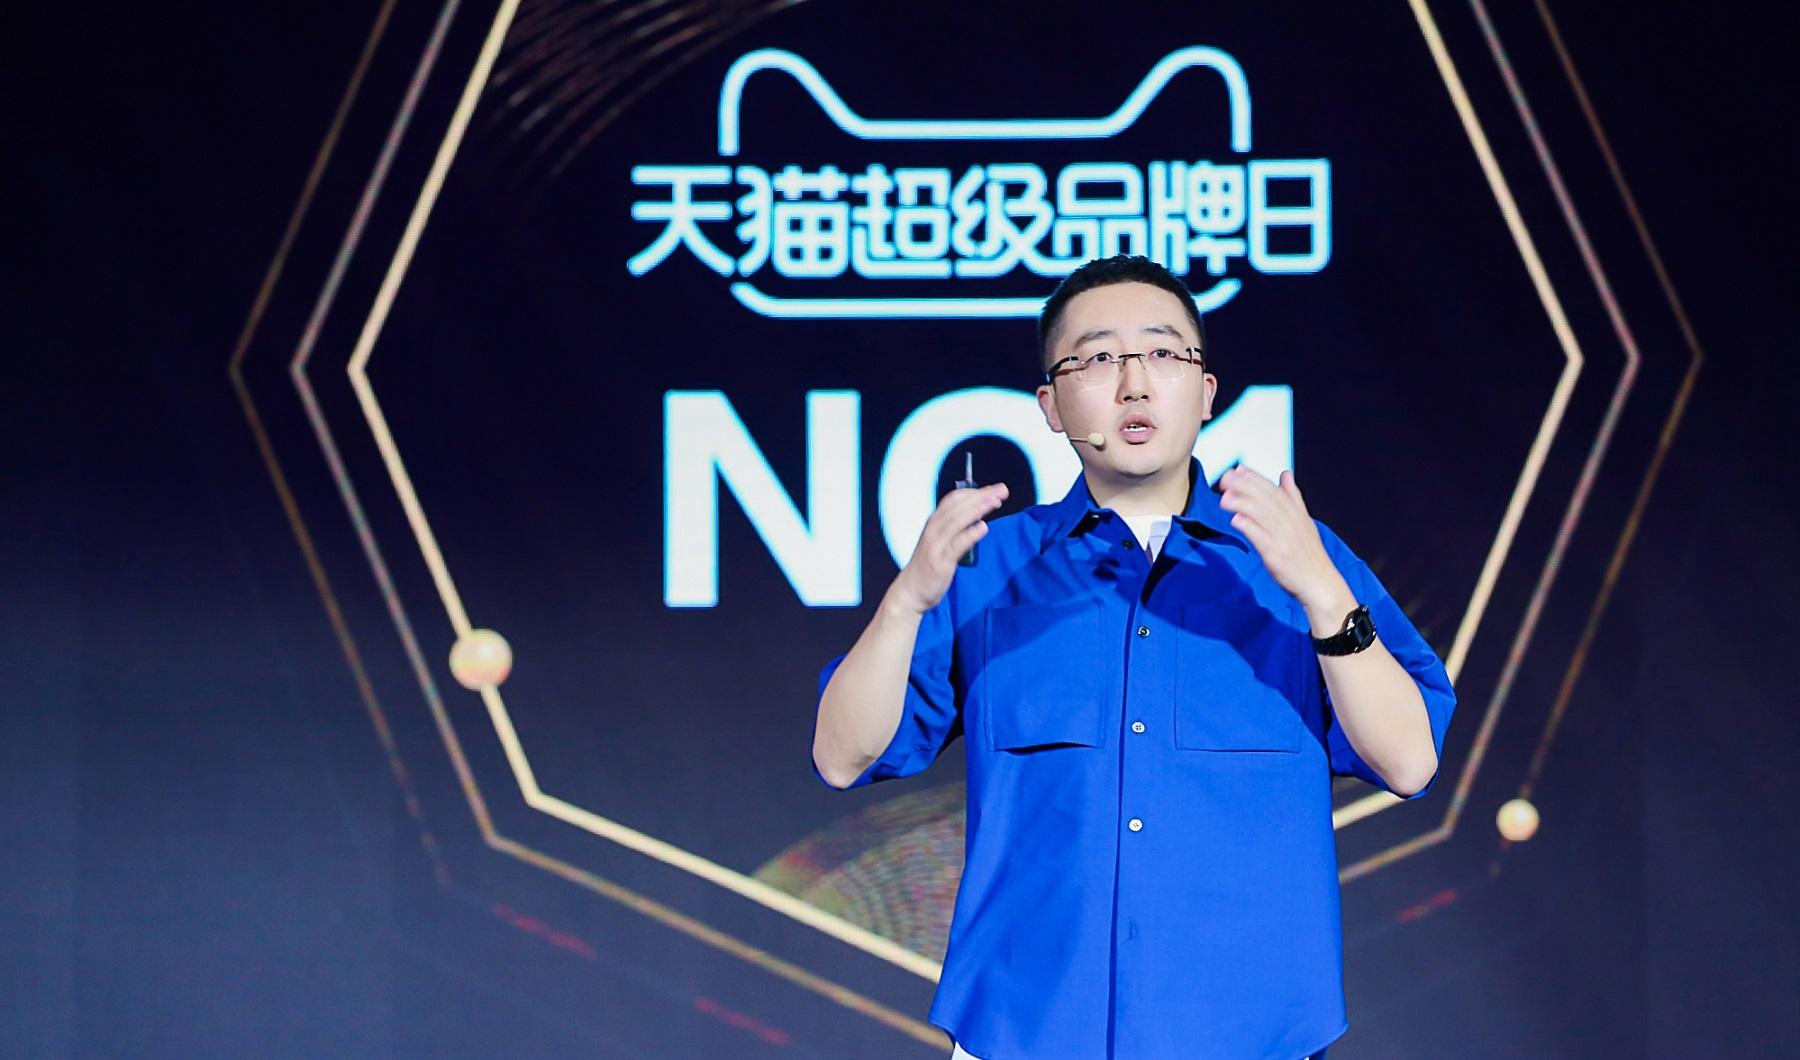 阿里巴巴集團副總裁、天貓平台營運事業部總經理劉博表示,品牌商家對天貓超品日的期待已經從能夠獲得多少交易規模,轉為獲得多少品牌曝光率、多少消費者參與。